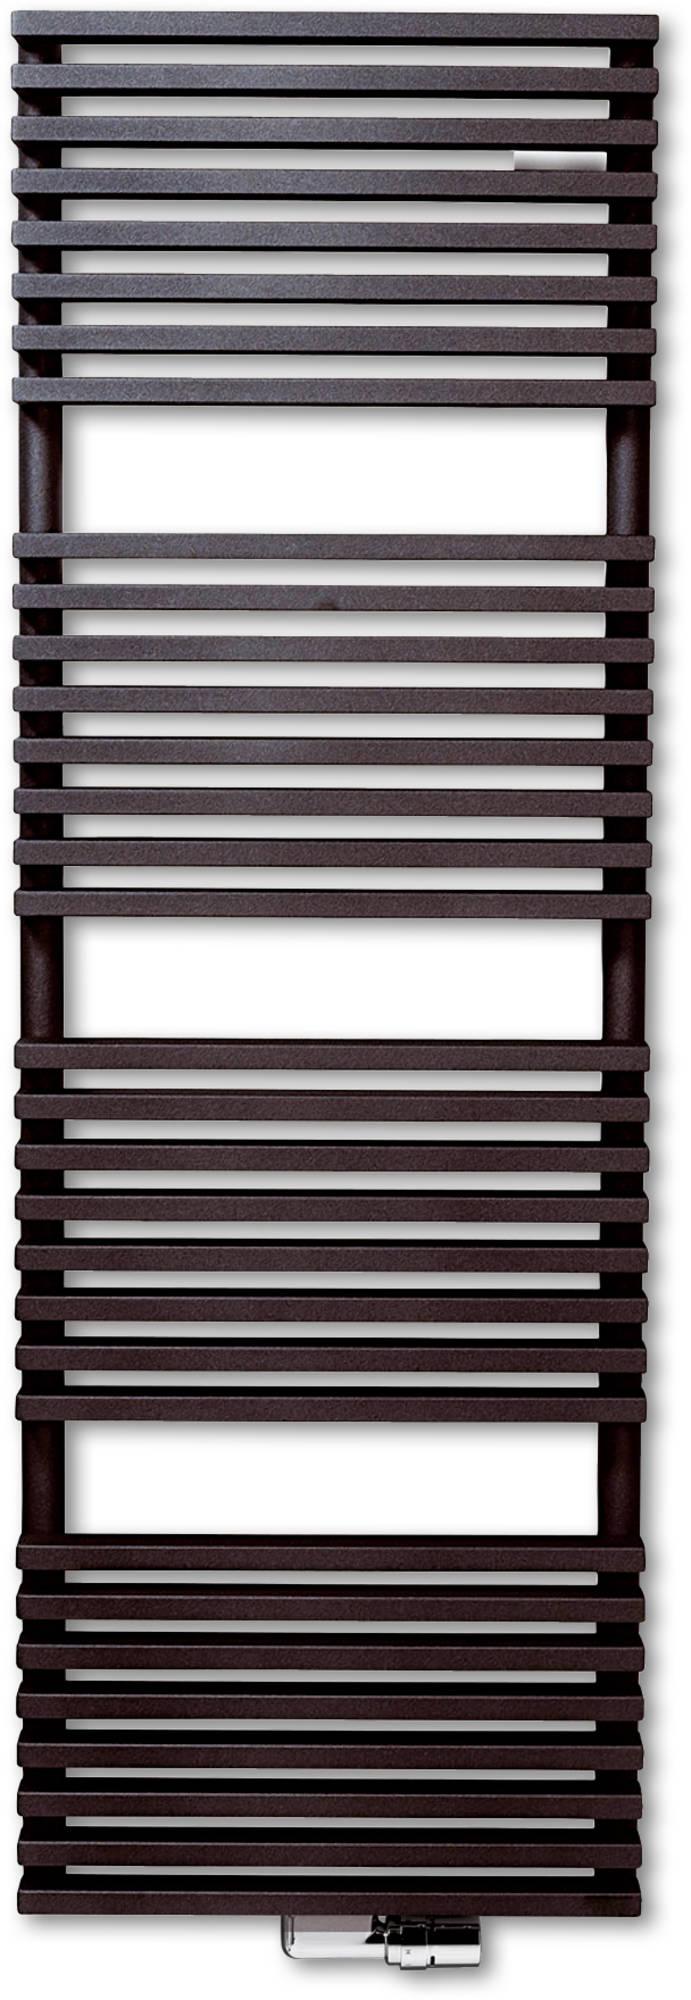 Vasco Zana Bad ZBD Designradiator 150,4x60 cm Platina Grijs